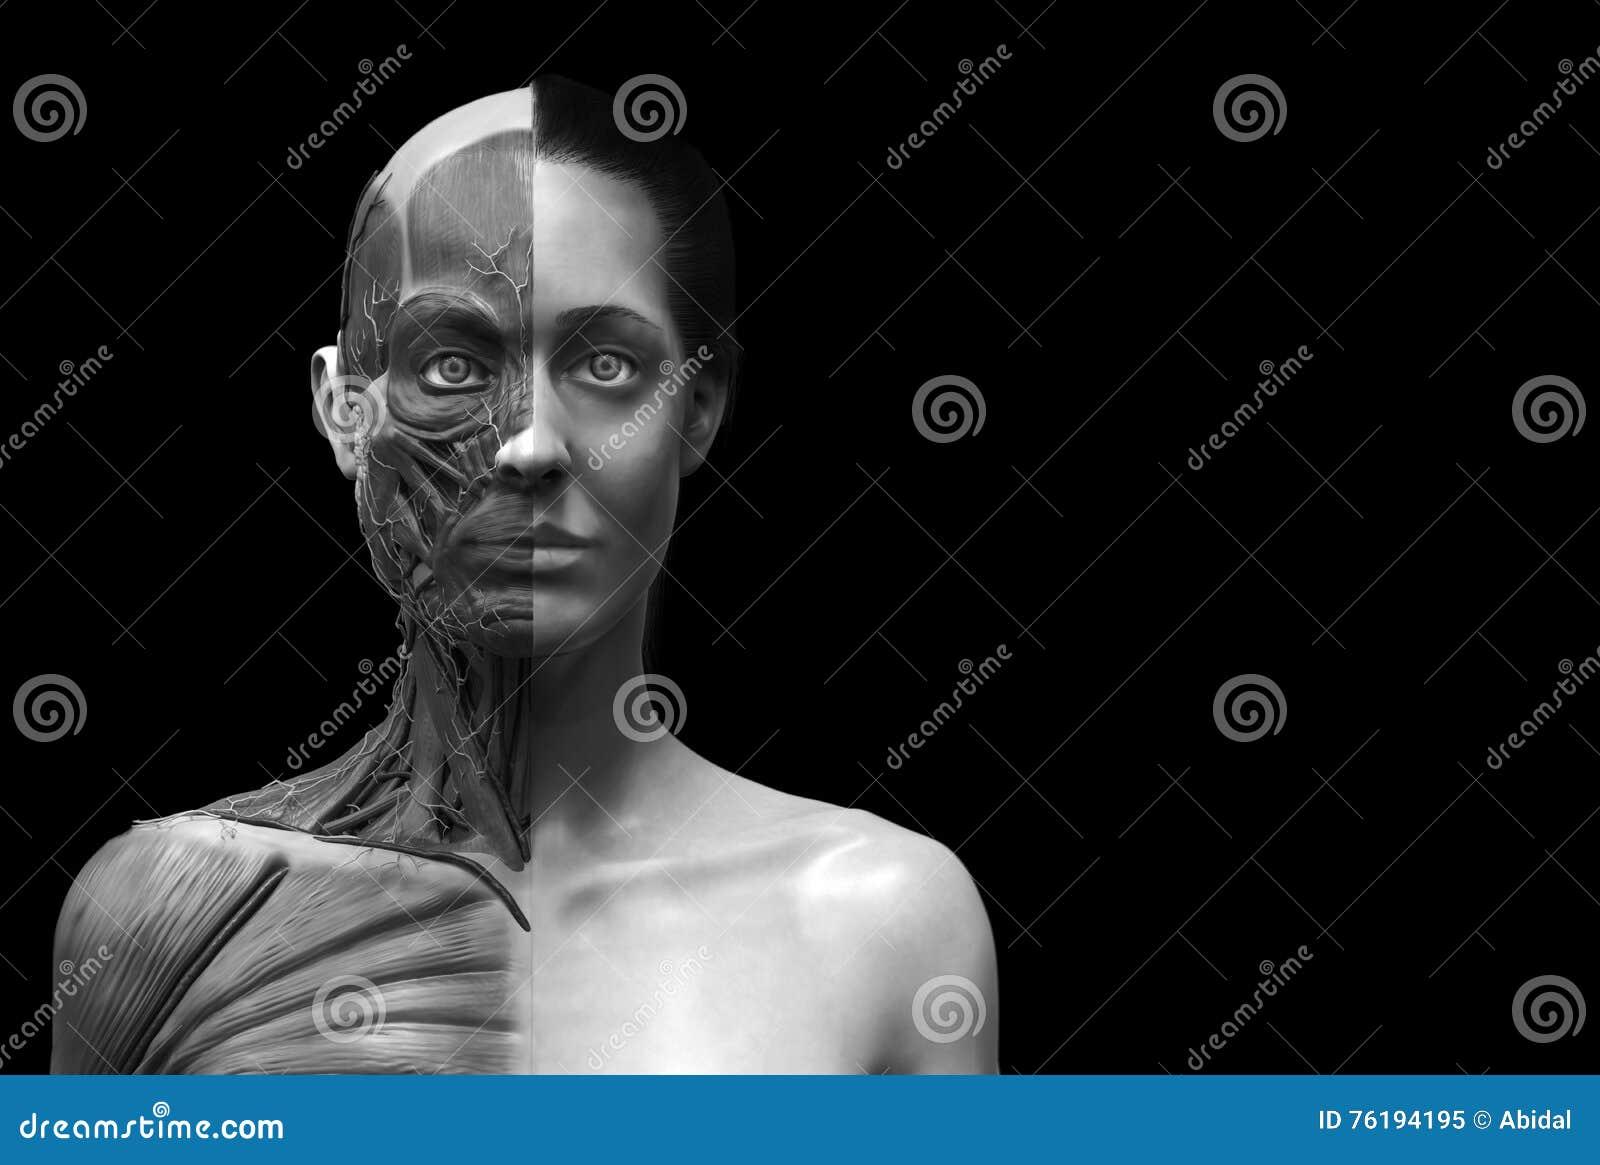 φωτογραφίες των γυναικών που δίνουν το κεφάλι